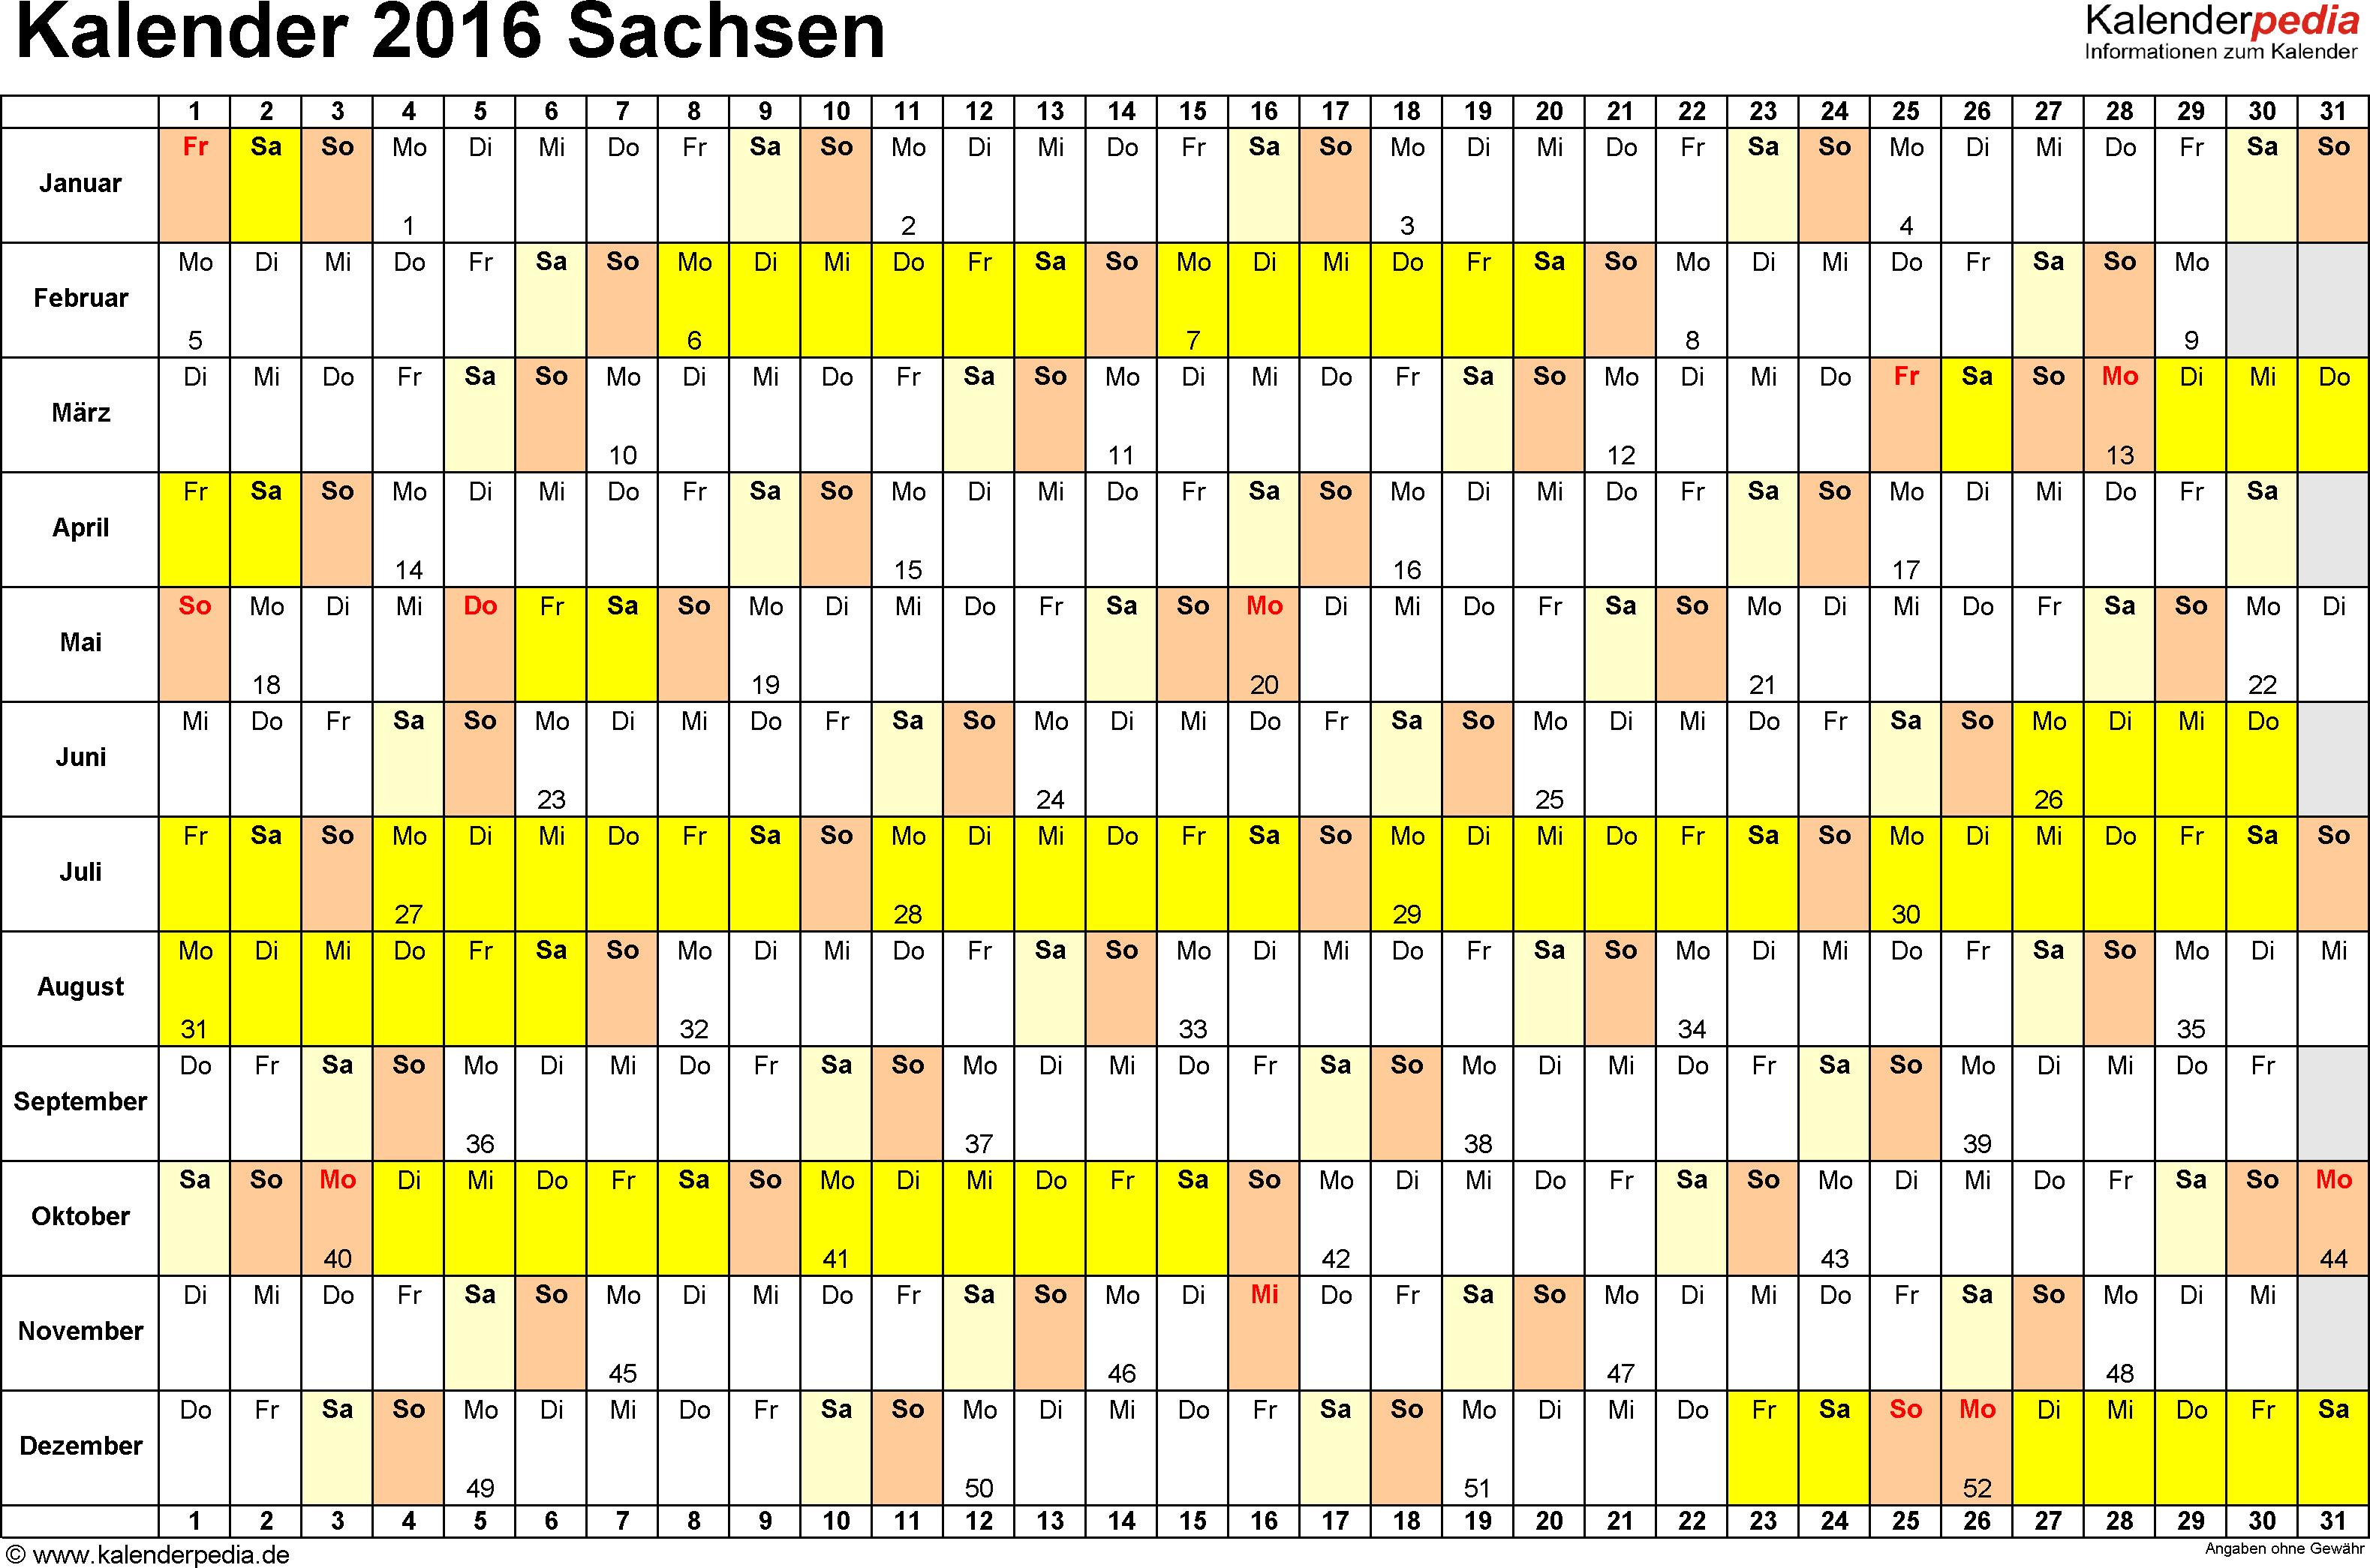 Vorlage 3: Kalender Sachsen 2016 im Querformat, Tage nebeneinander